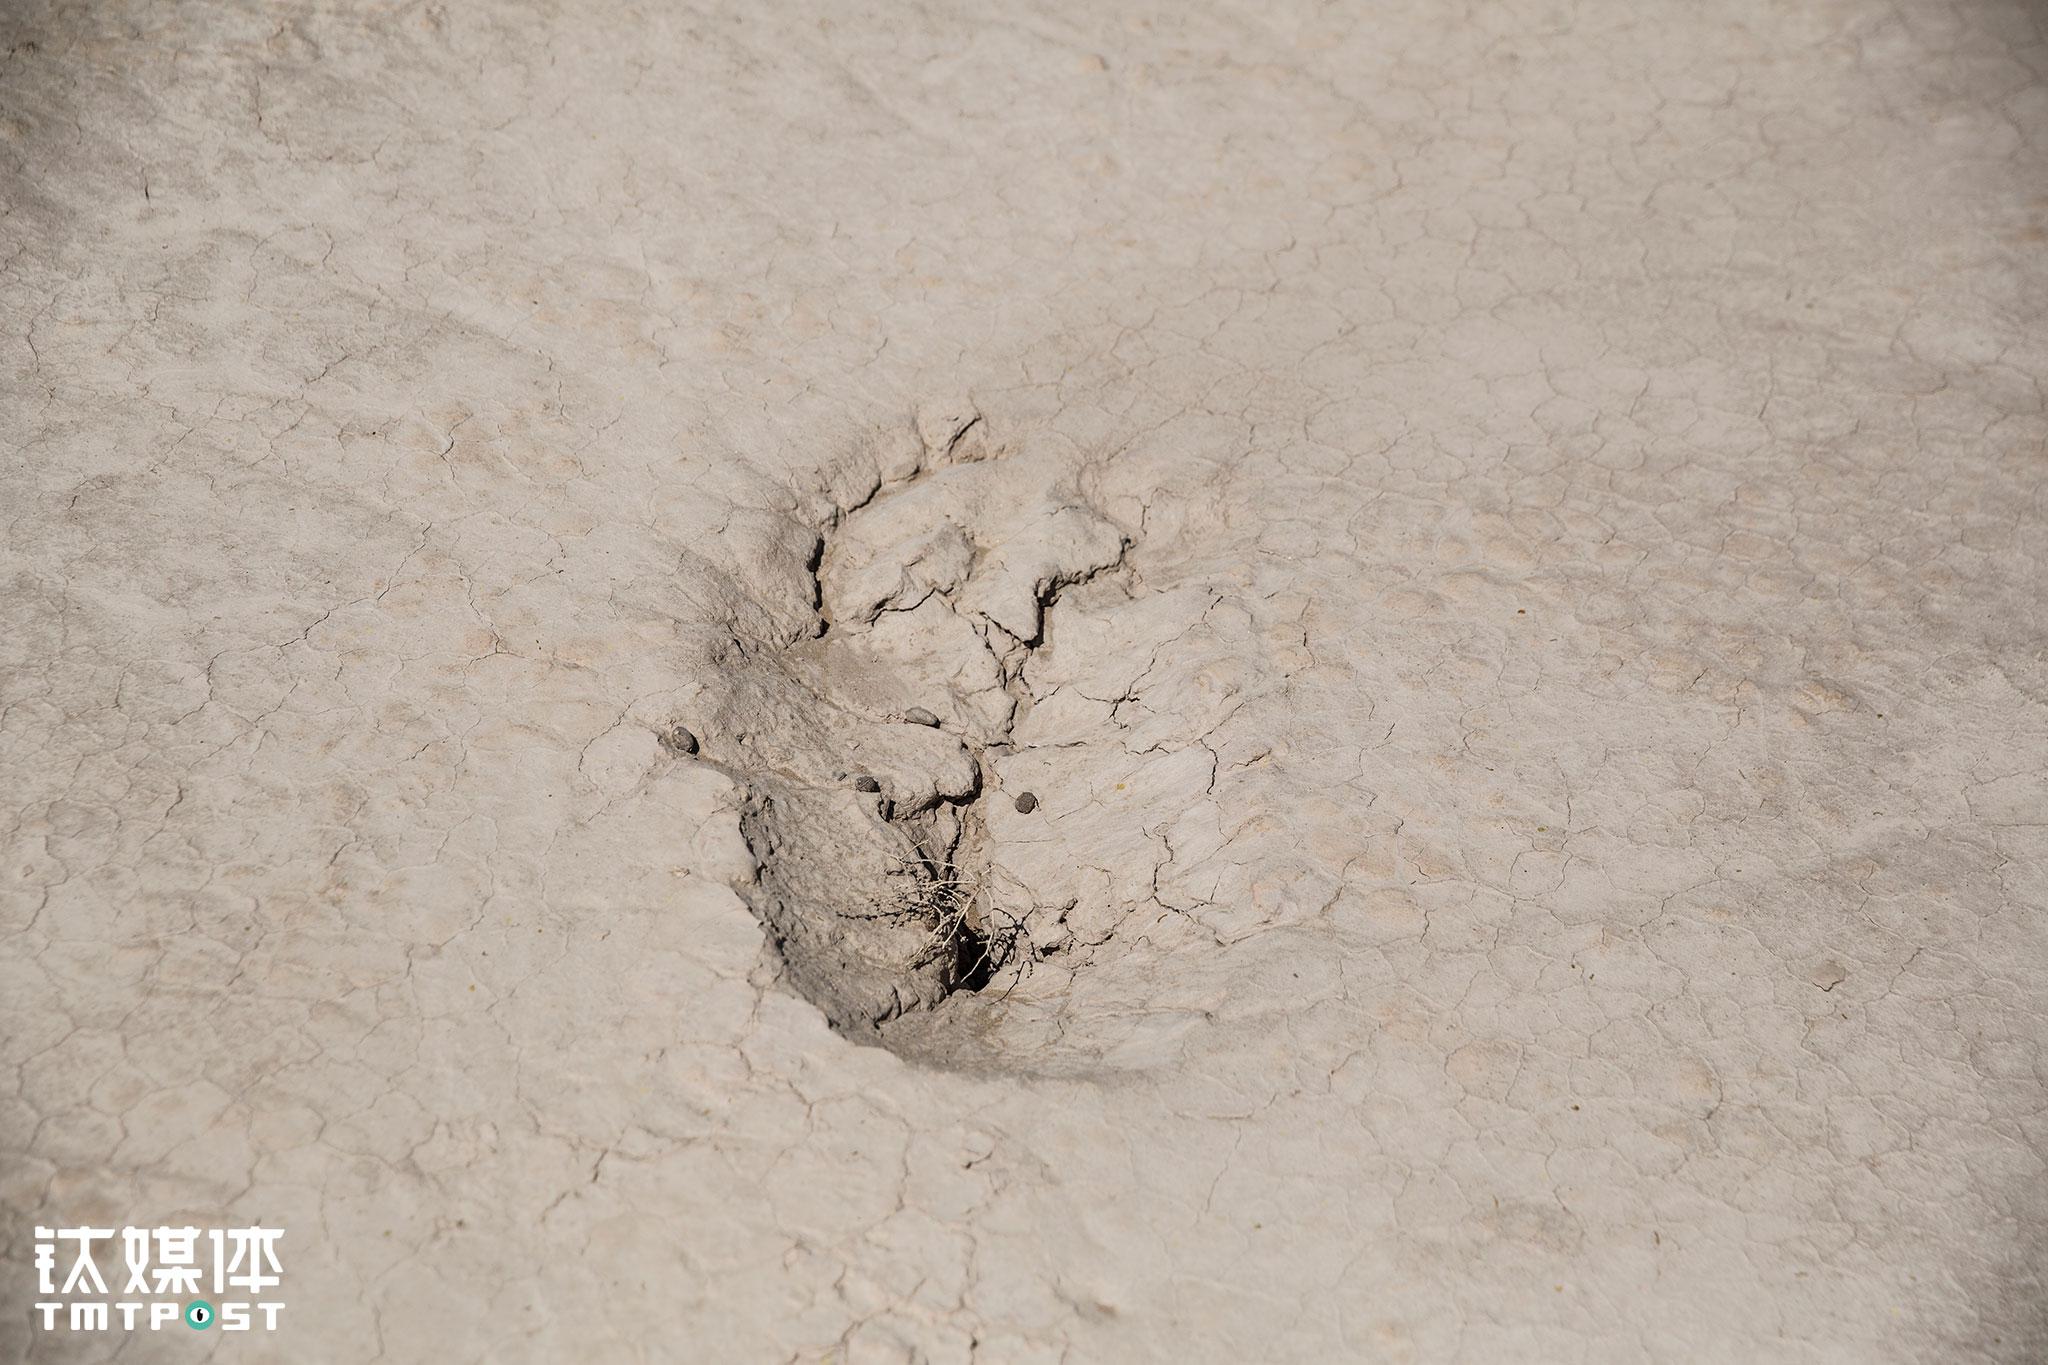 """为了保证农作物用水,村民们在村里集资钻了井用于灌溉。在这个人们一个月也洗不了一个澡的干旱村庄,水资源异常珍贵,首要用途也在庄稼,而村外跟沙漠一路之隔的植树带,很多政府拨款人工种植的防沙植物却因缺水而成片枯死。对村民来说,地下水十分有限,庄稼、牲口、人的用水都顾不过来,没有人会挑着自己花水资源费买来的水去灌其他""""不相关""""植物。"""